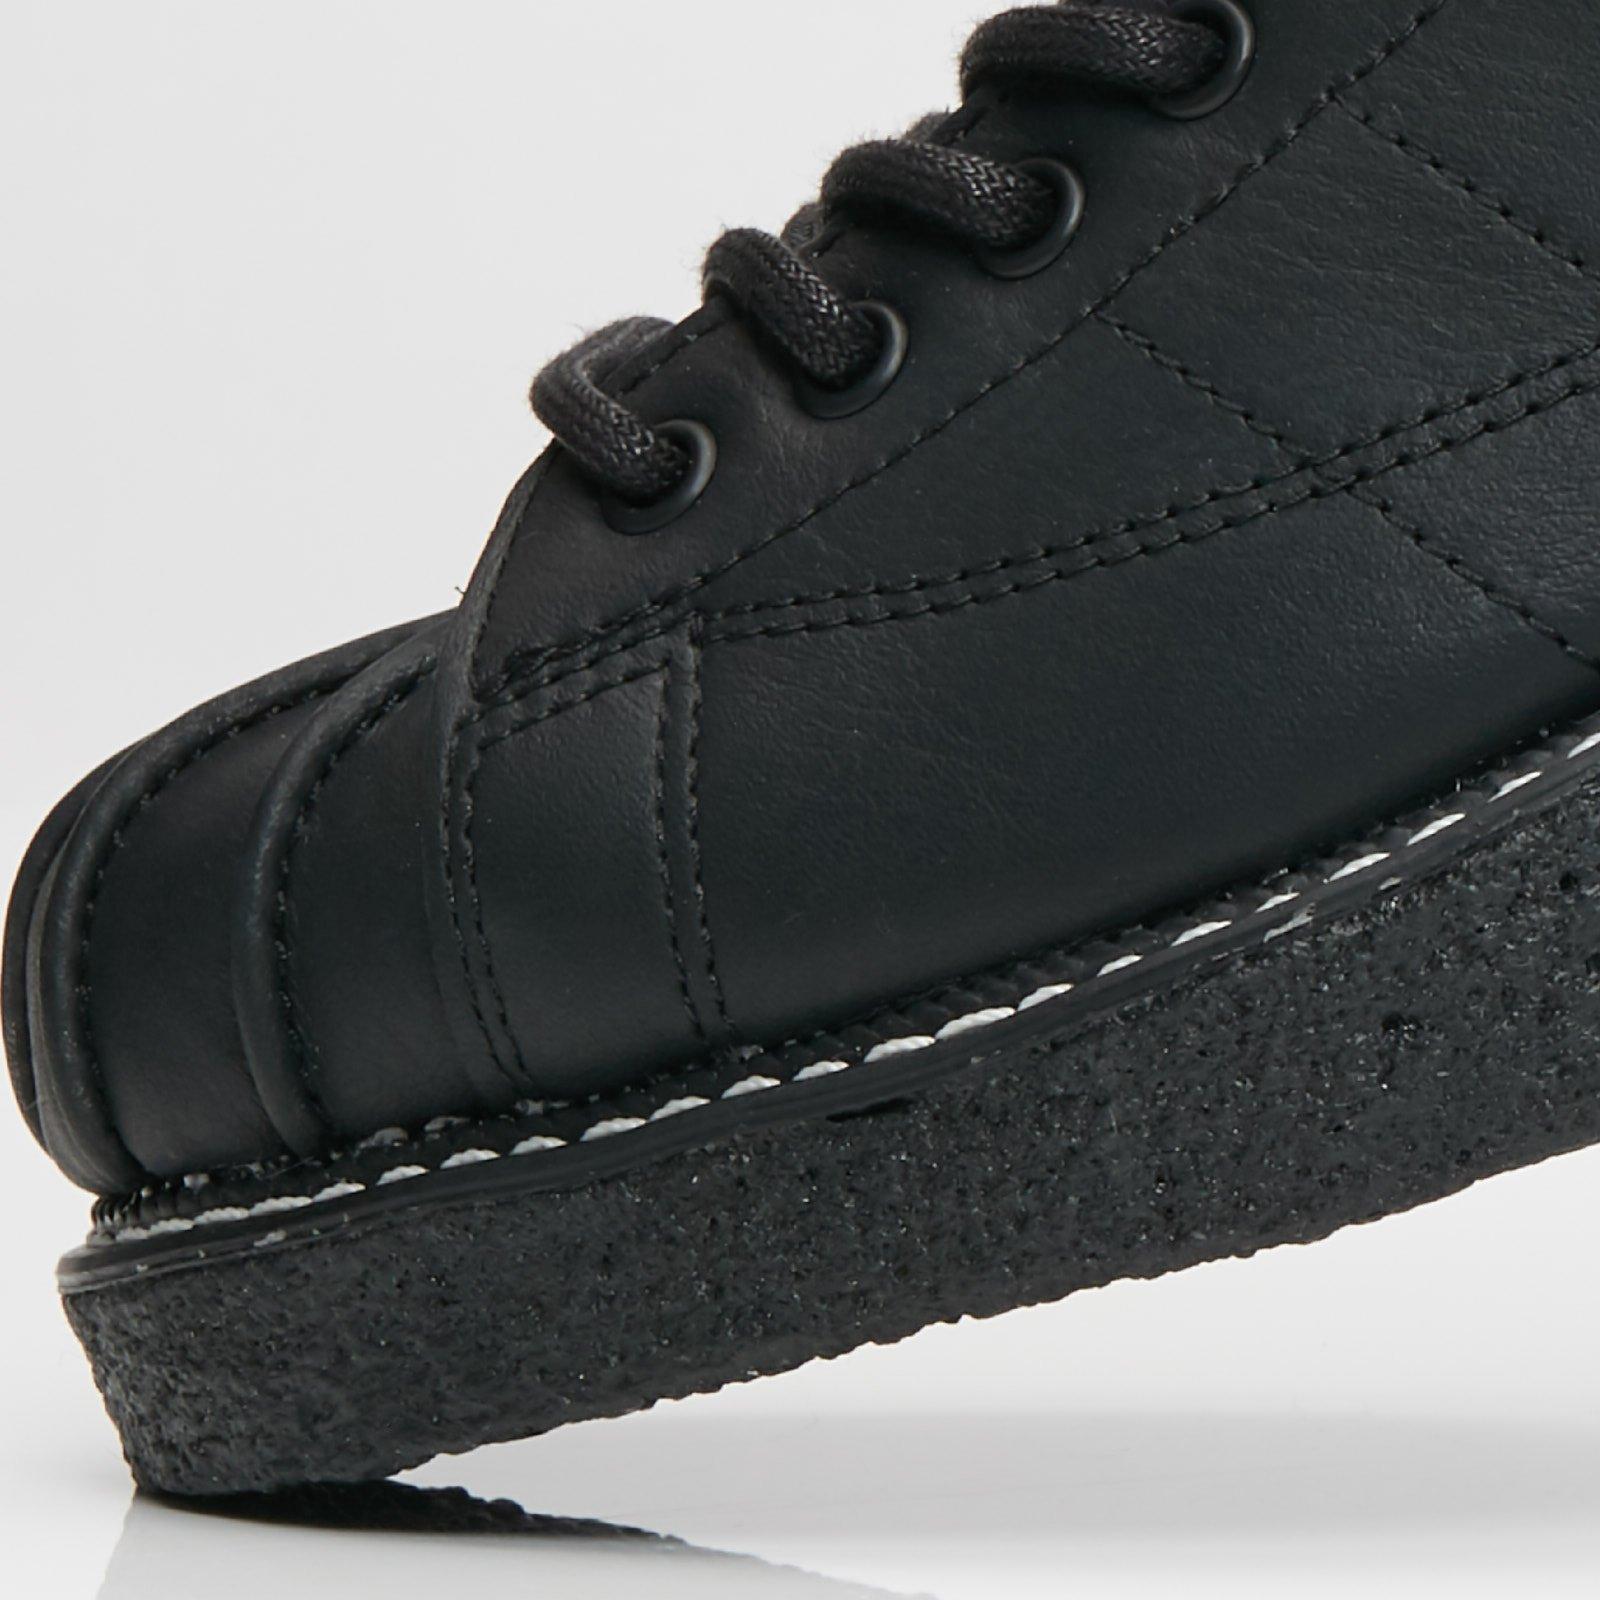 adidas Superstar Boot Luxe W - Aq1250 - Sneakersnstuff  4c5108c9d